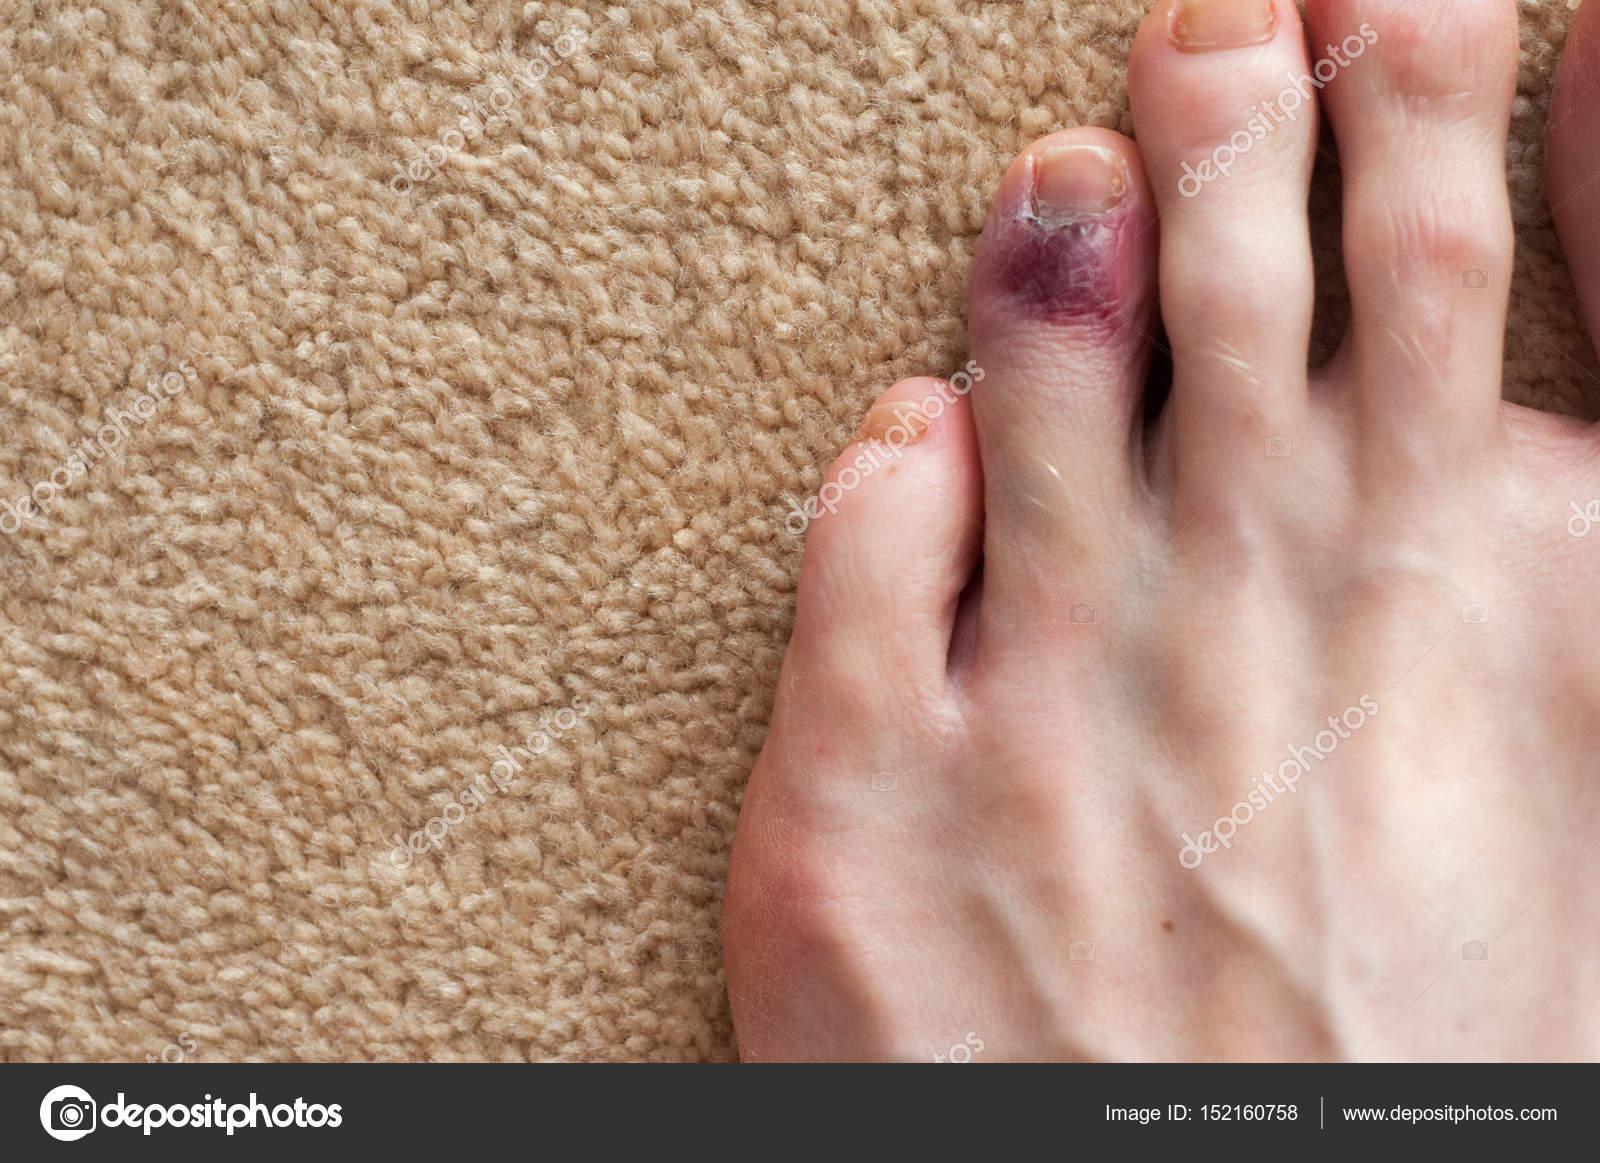 Demostración de dedo del pie roto, moretones en la piel debido a una ...